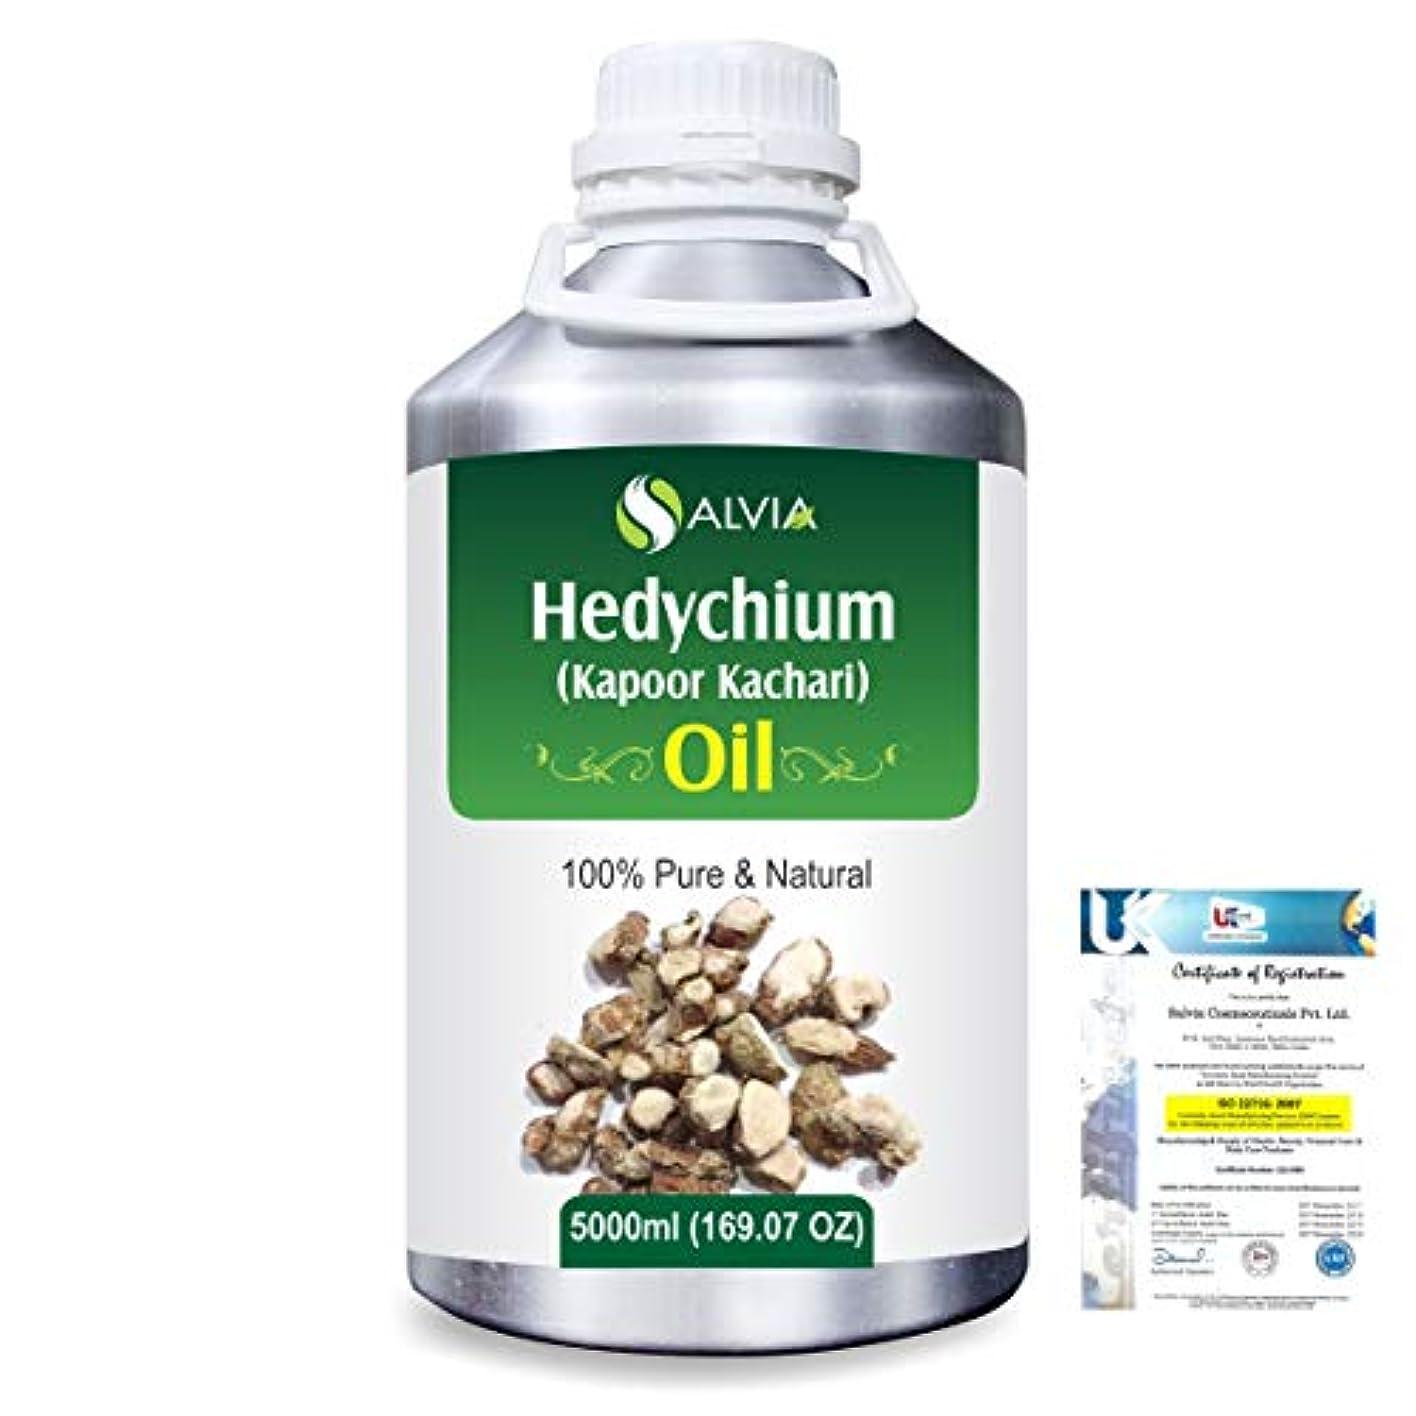 学習者トリップデータHedychium (Kapoor Kachari) 100% Natural Pure Essential Oil 5000ml/169fl.oz.